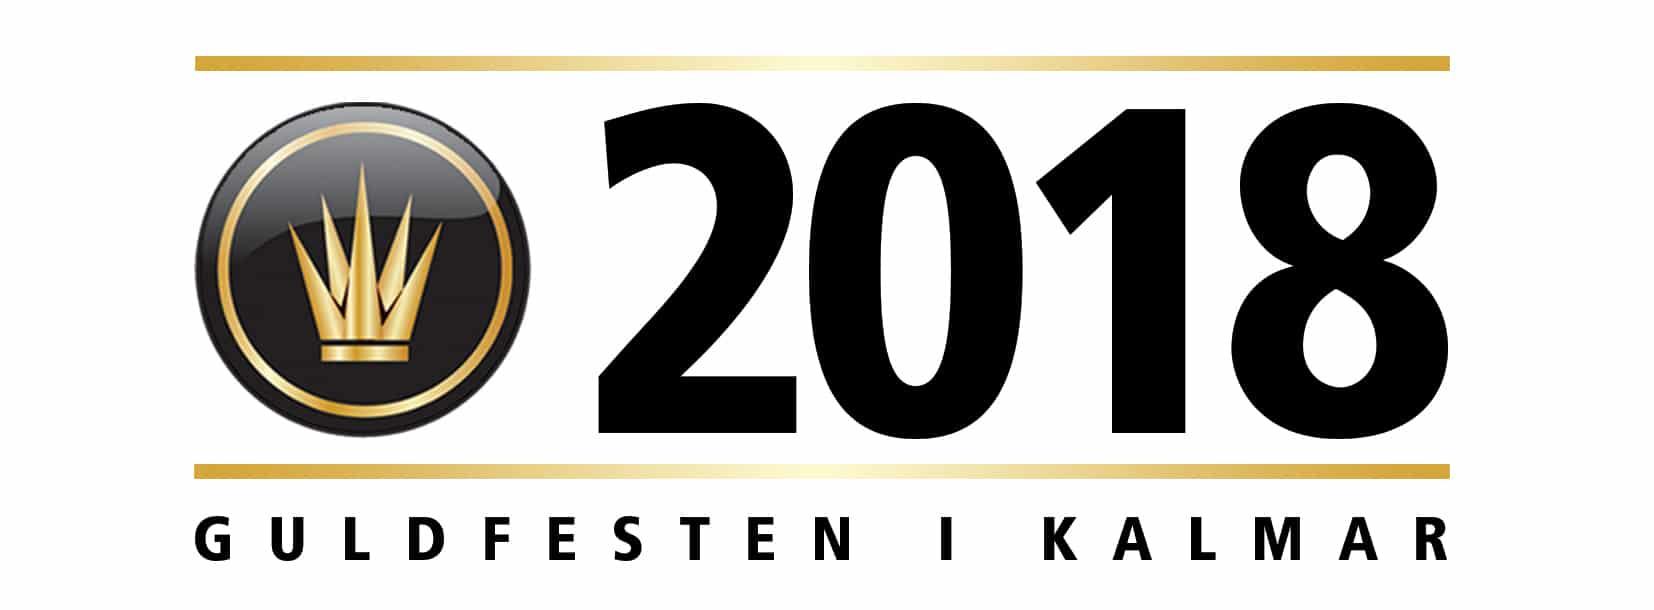 Guldfesten 2018